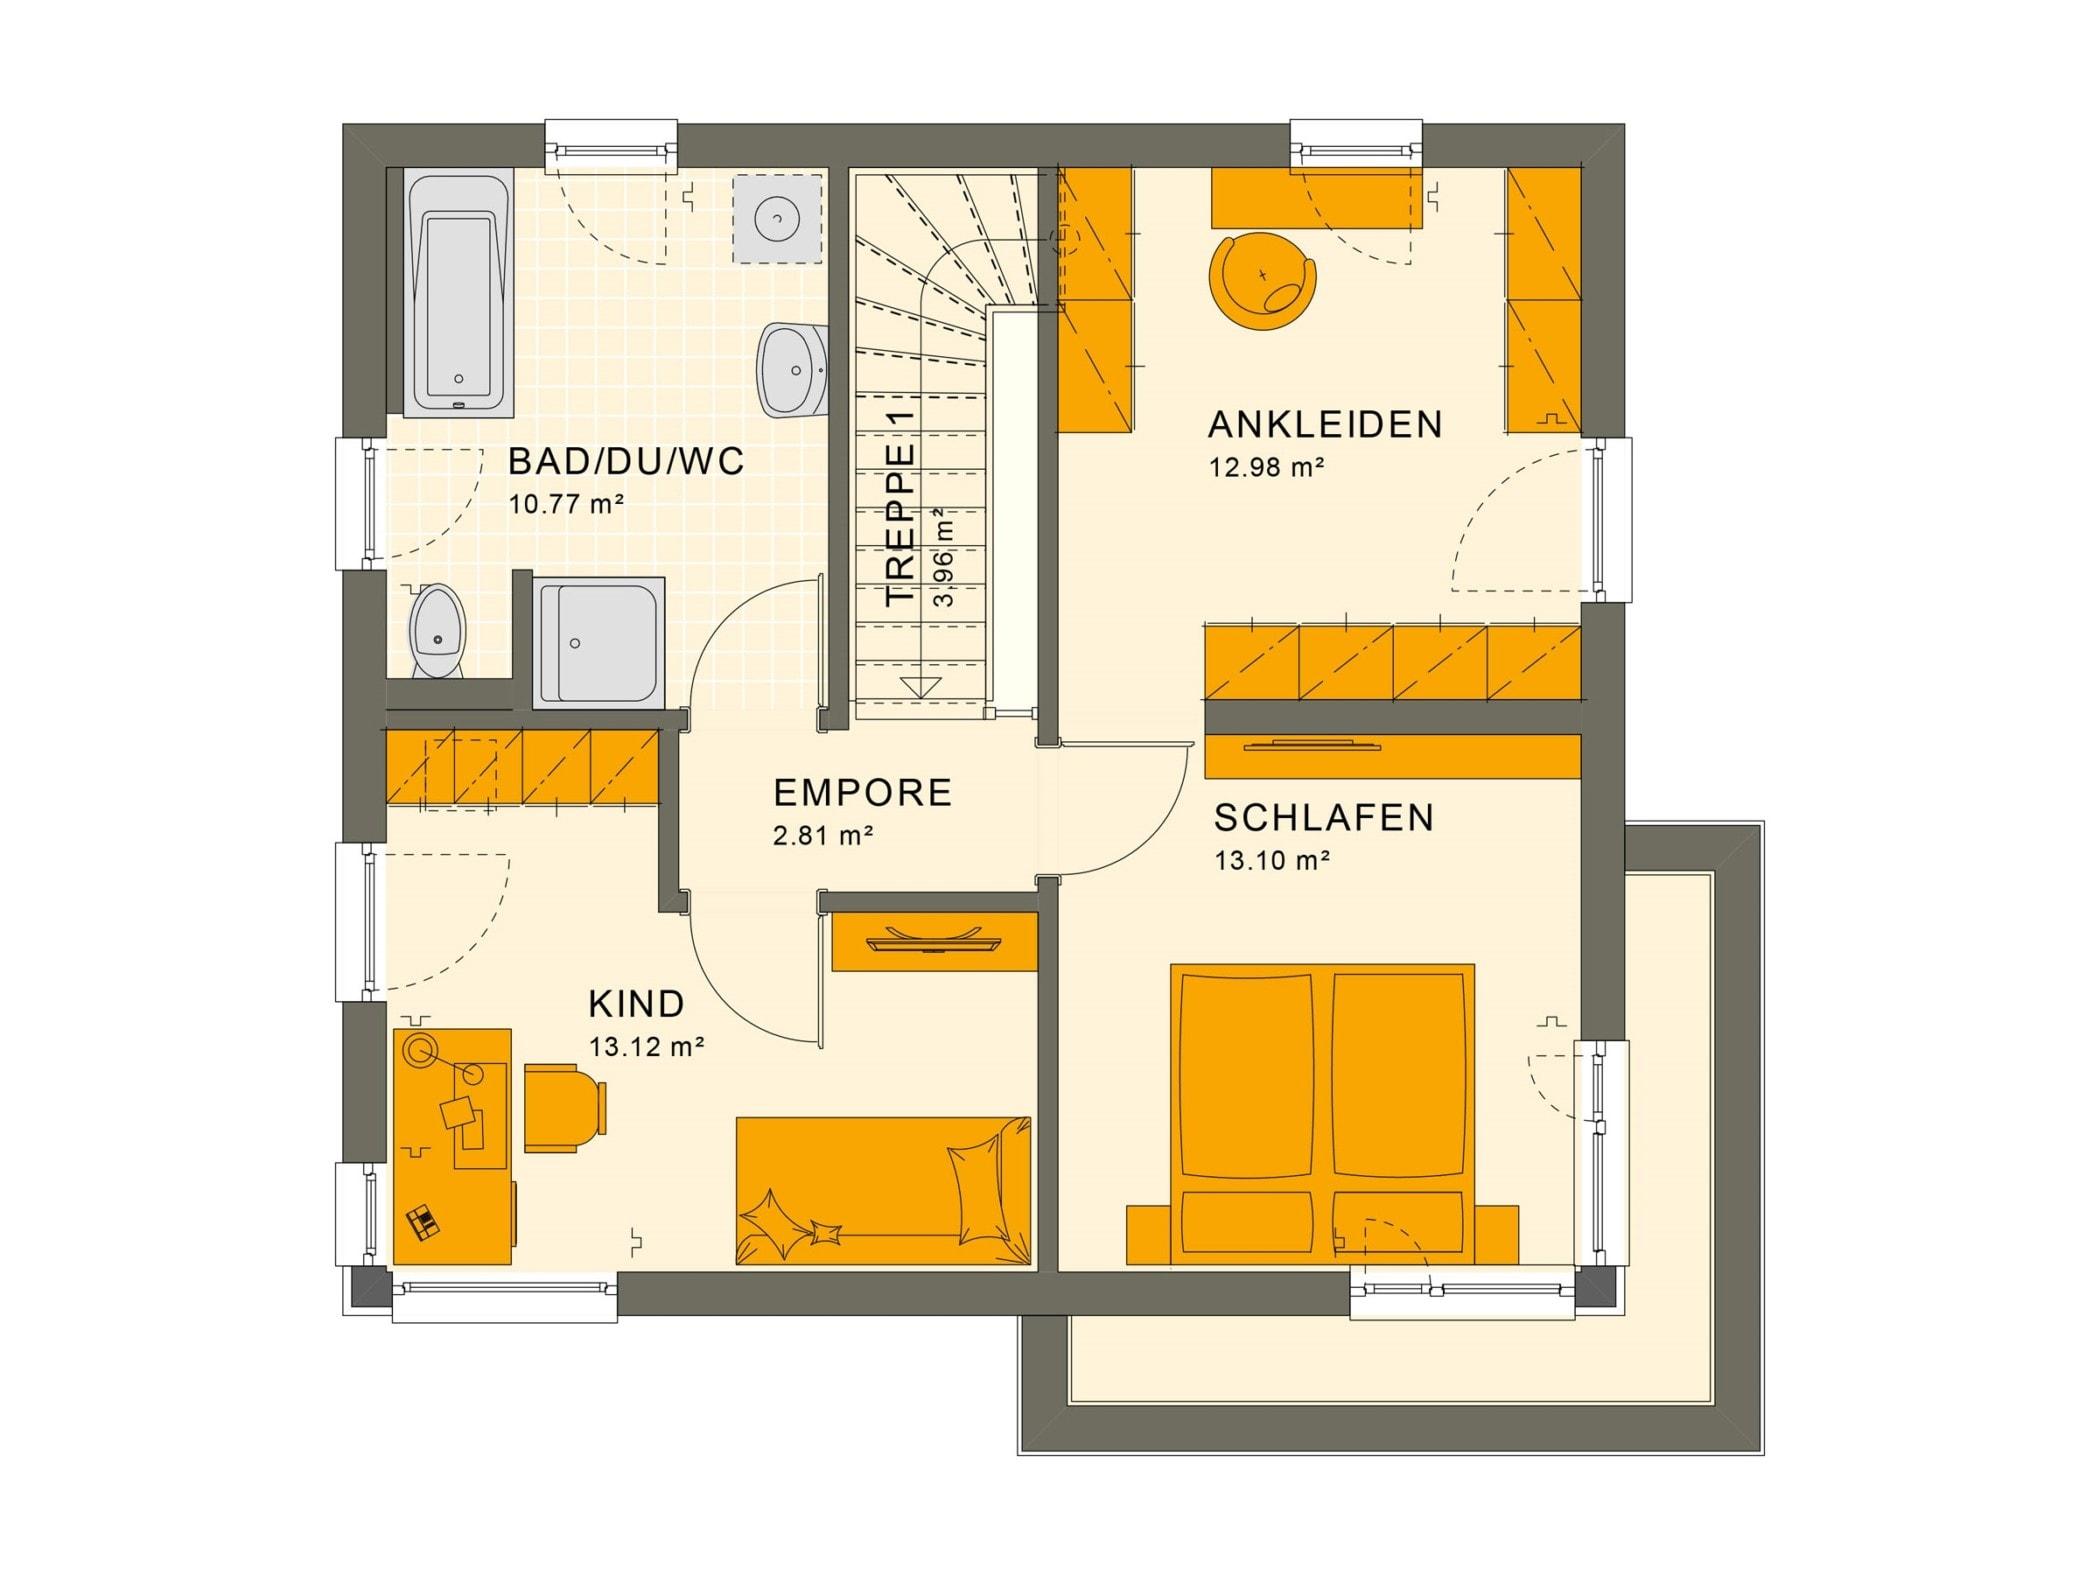 Einfamilienhaus Grundriss Obergeschoss mit Flachdach Architektur im Bauhausstil - Haus bauen Ideen Fertighaus Stadtvilla SUNSHINE 113 V8 von Living Haus - HausbauDirekt.de